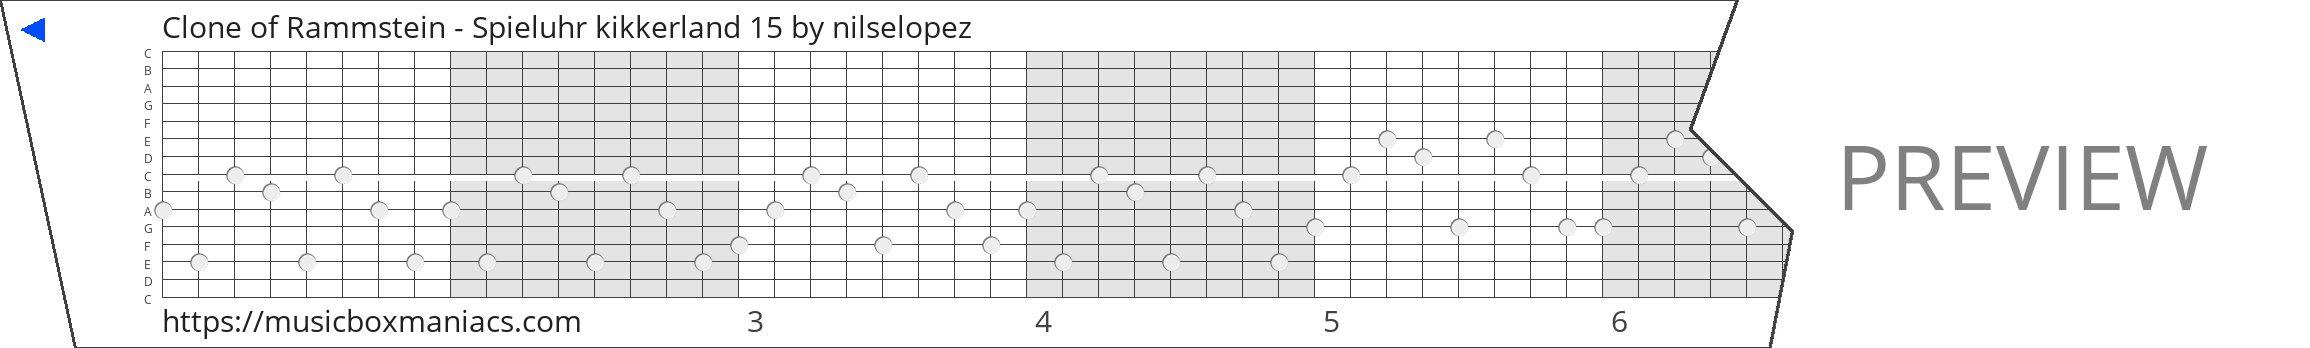 Clone of Rammstein - Spieluhr kikkerland 15 15 note music box paper strip